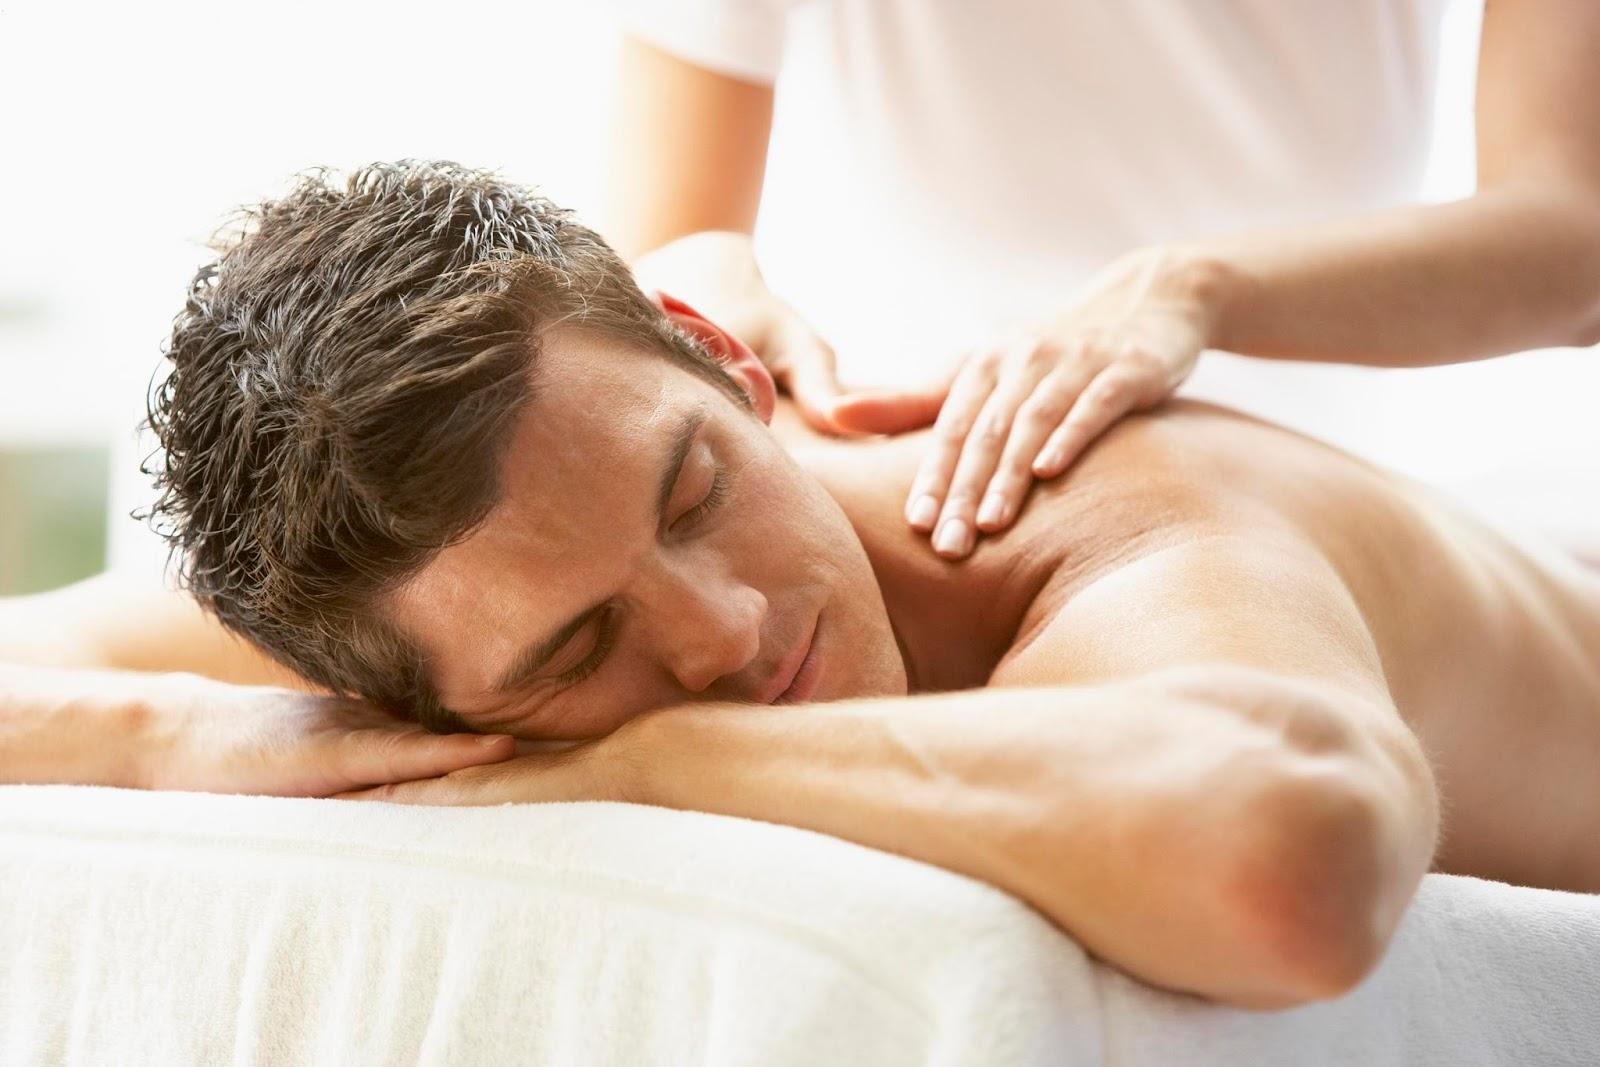 Как сделать массаж спины мужчине (видео уроки по) 69